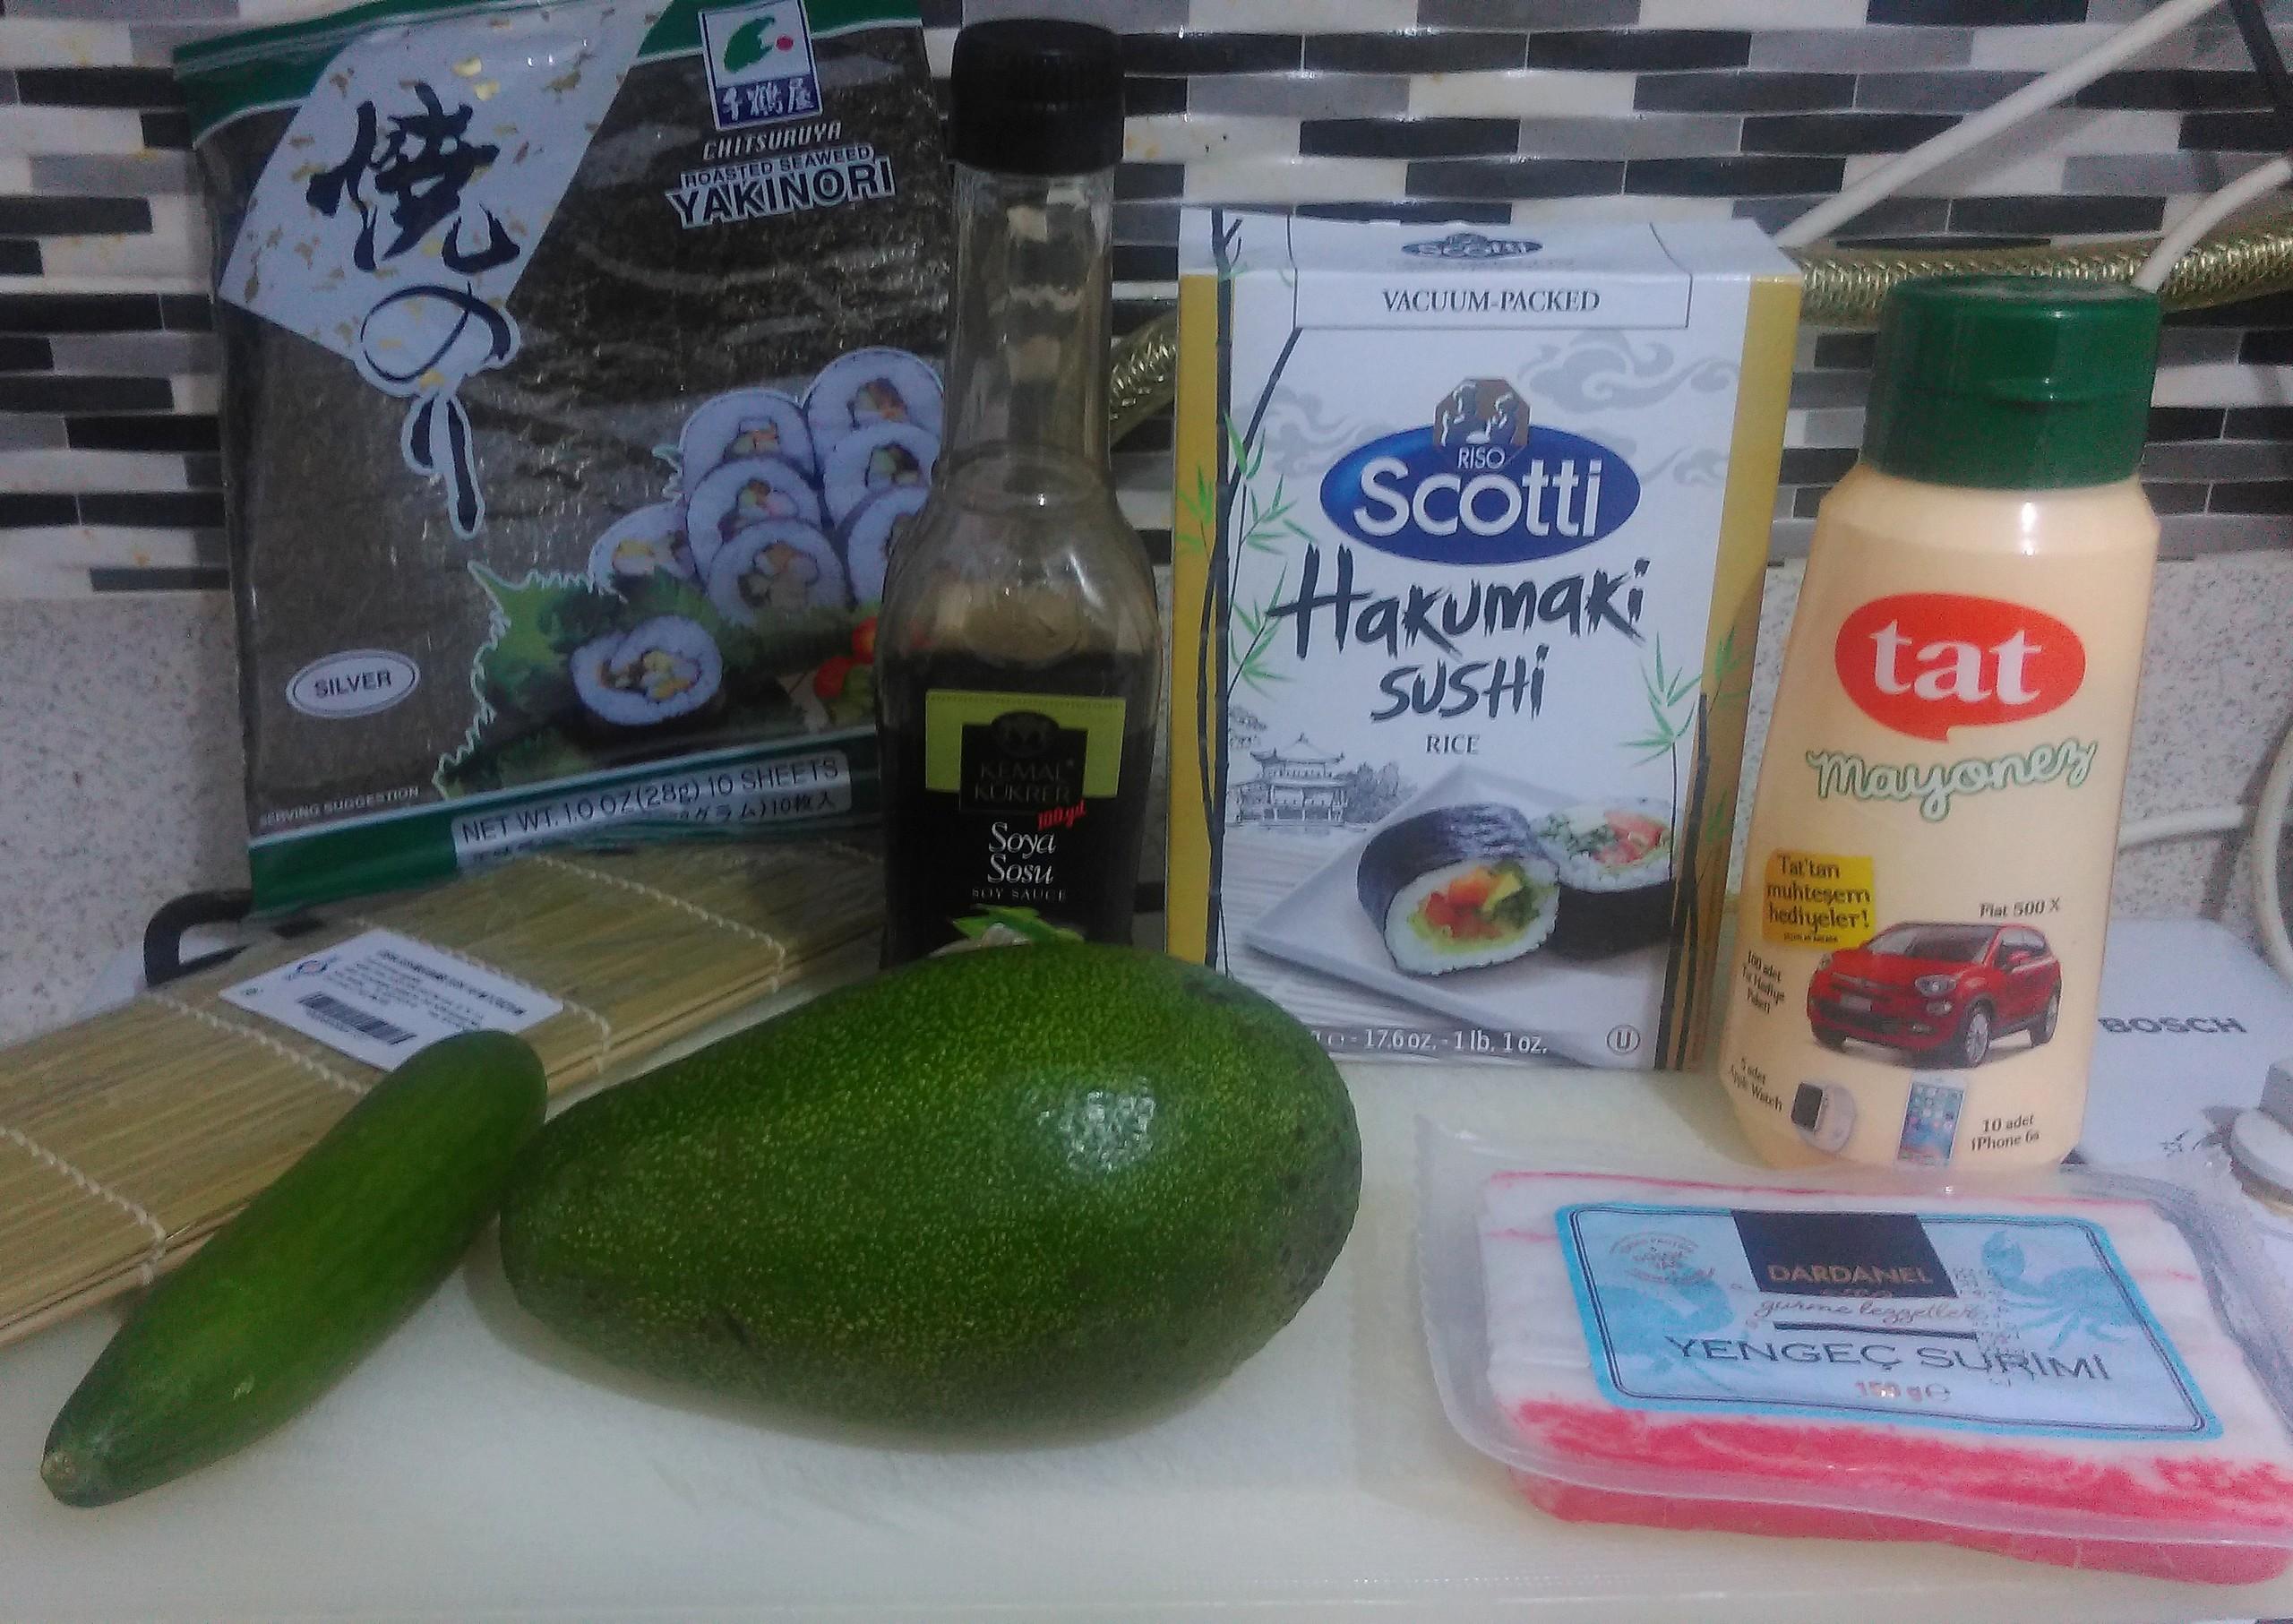 Soğuk avokado karışımı ile Etiketlenen Konular